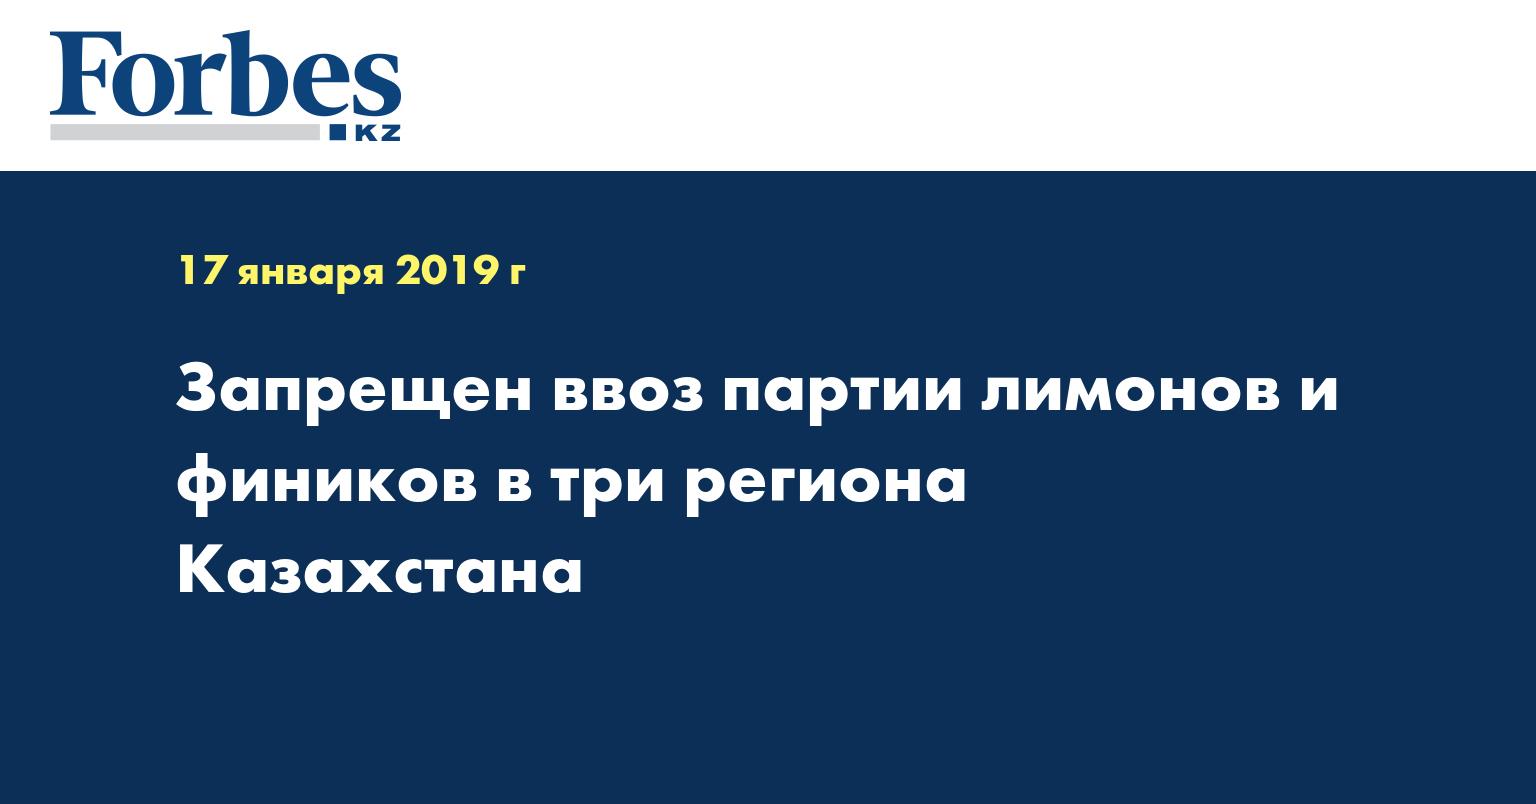 Запрещен ввоз партии лимонов и фиников в три региона Казахстана